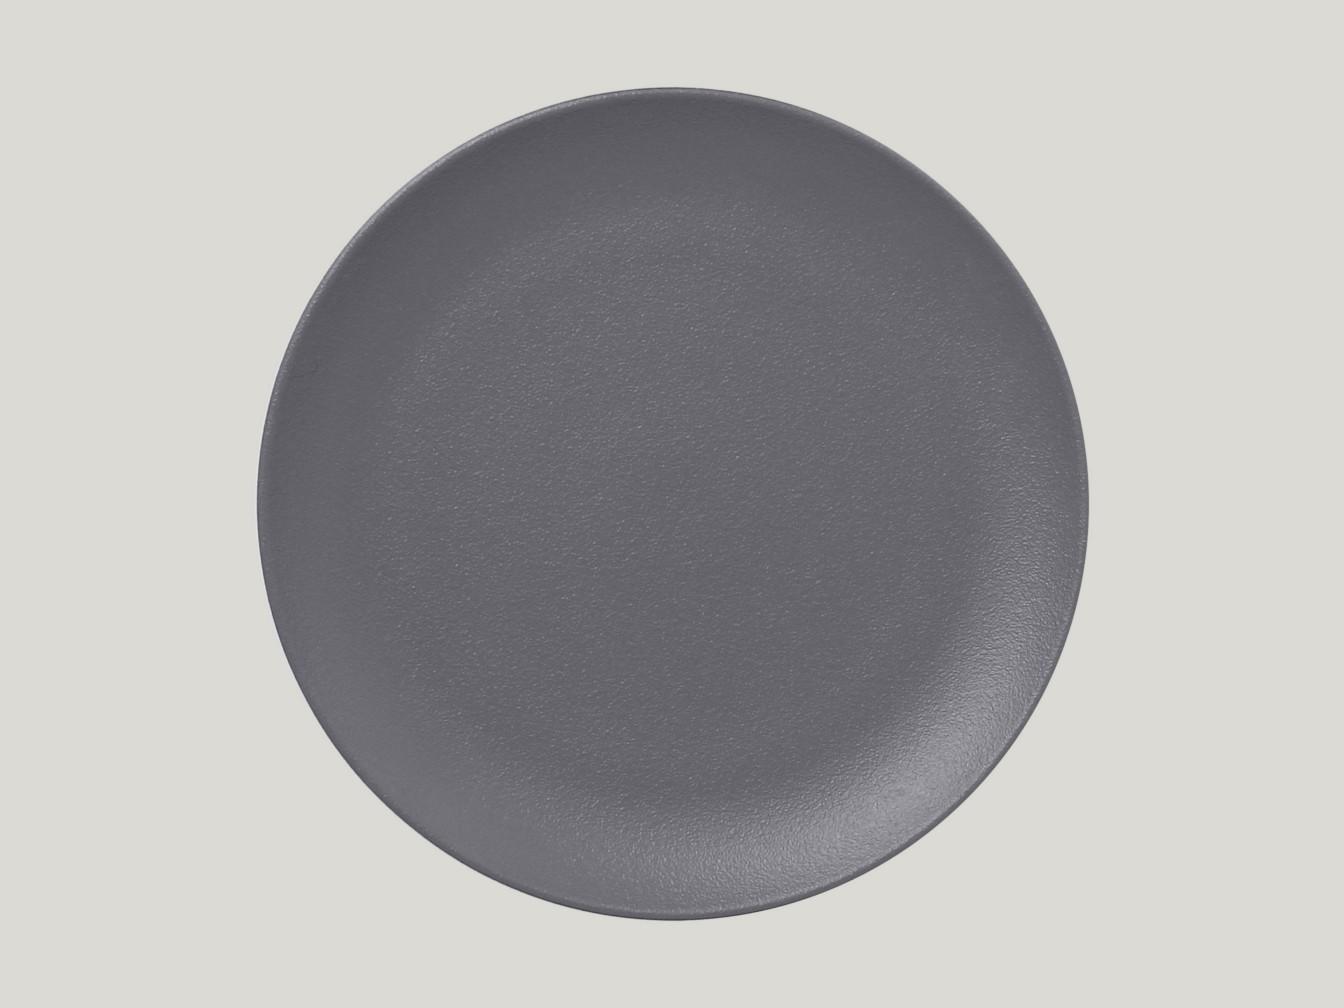 mělký coupe talíř - šedá Neofusion